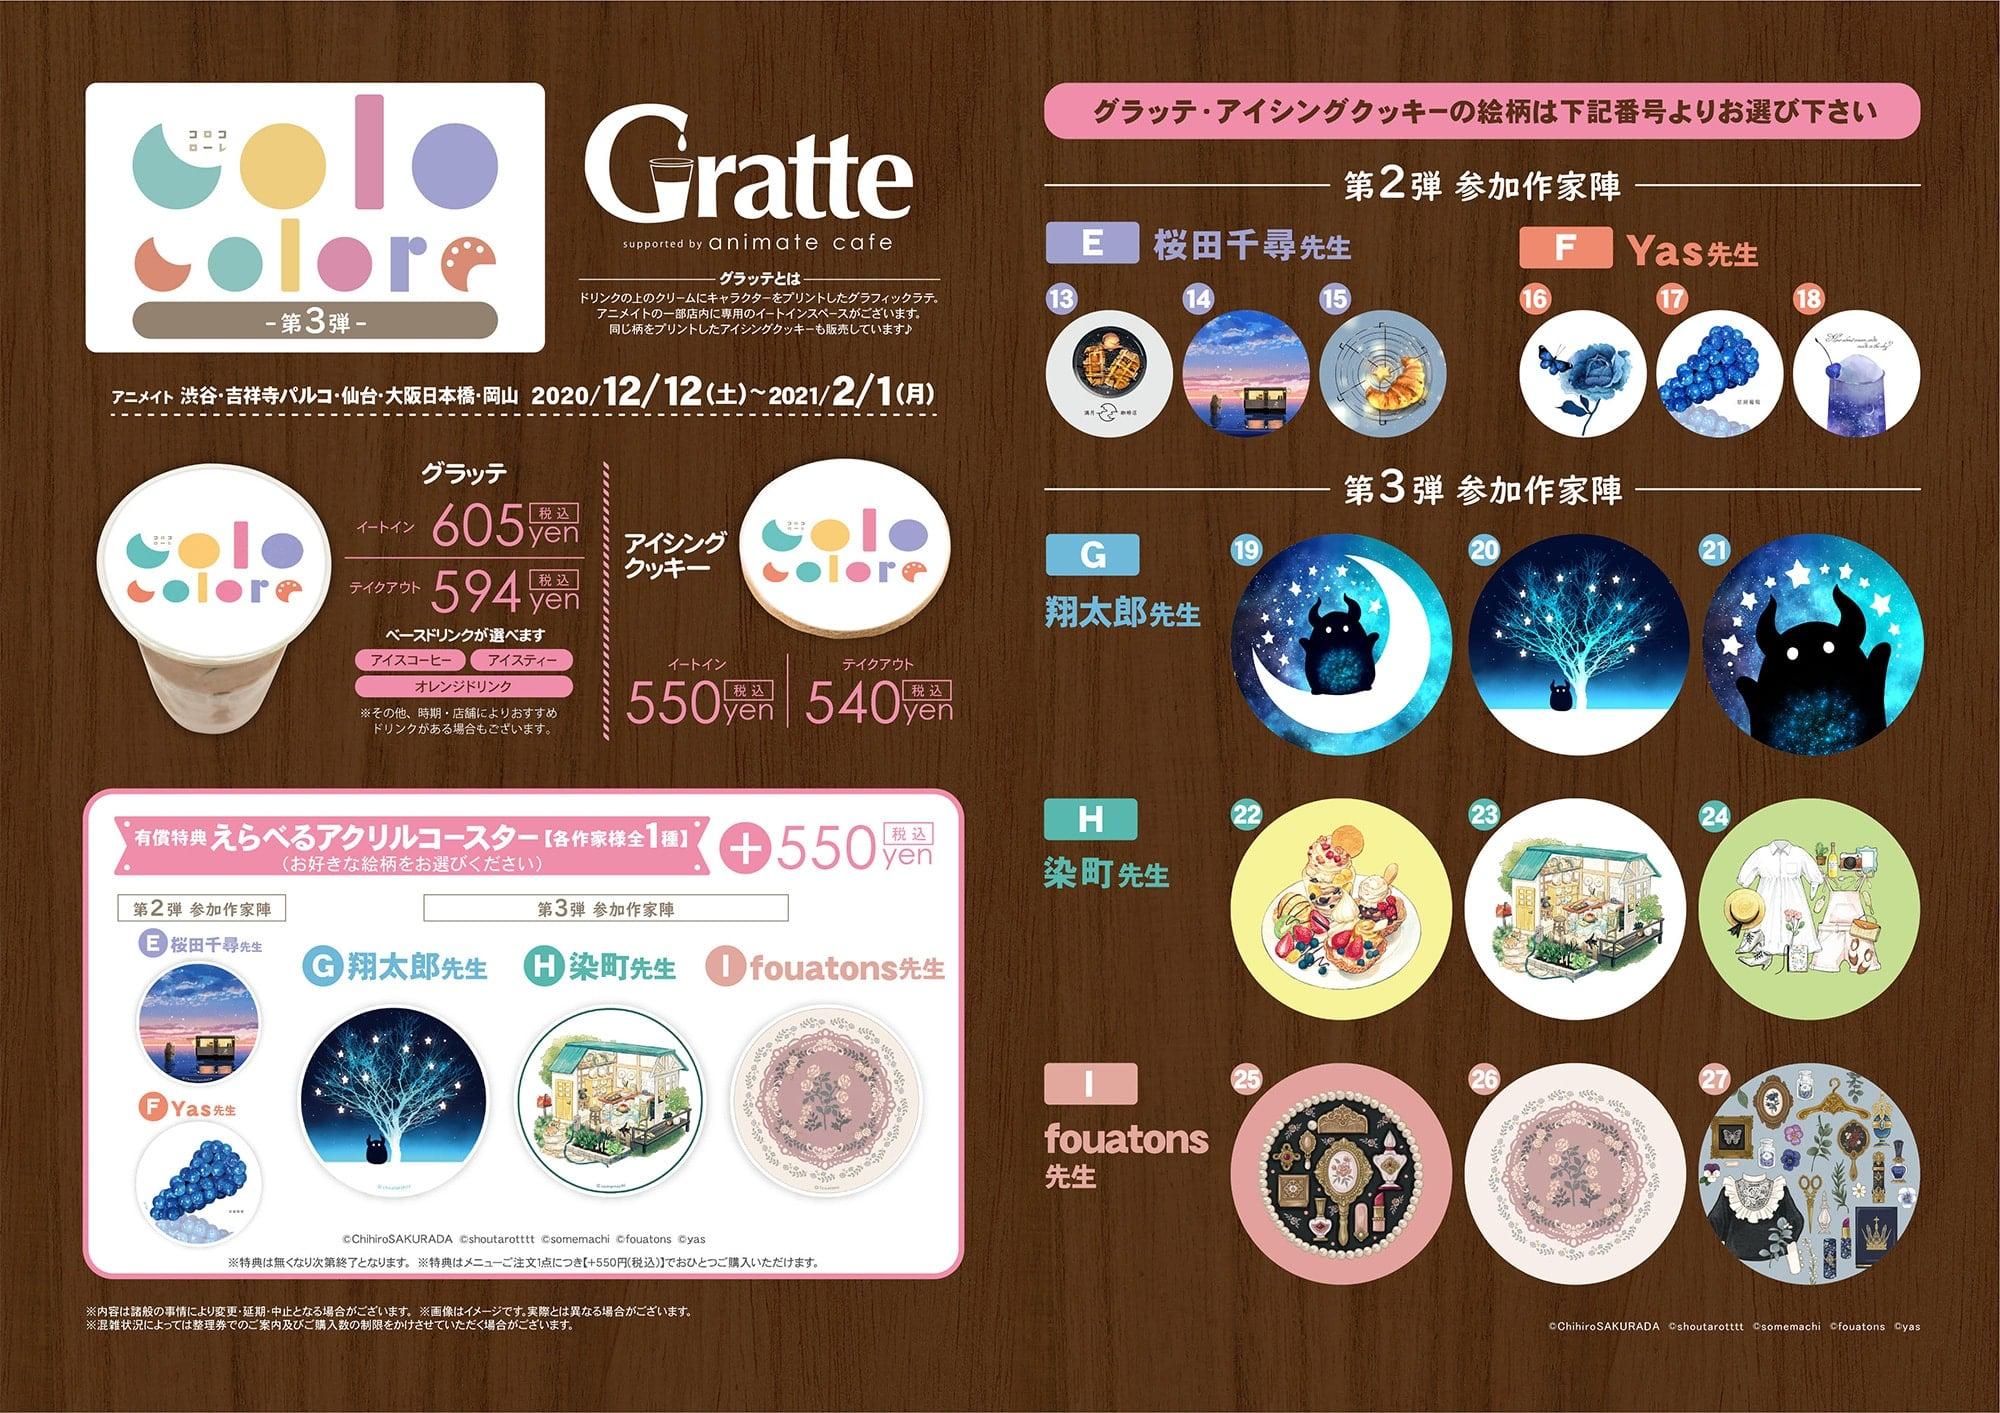 colocolore(コロコローレ)×Gratte(グラッテ)コラボ